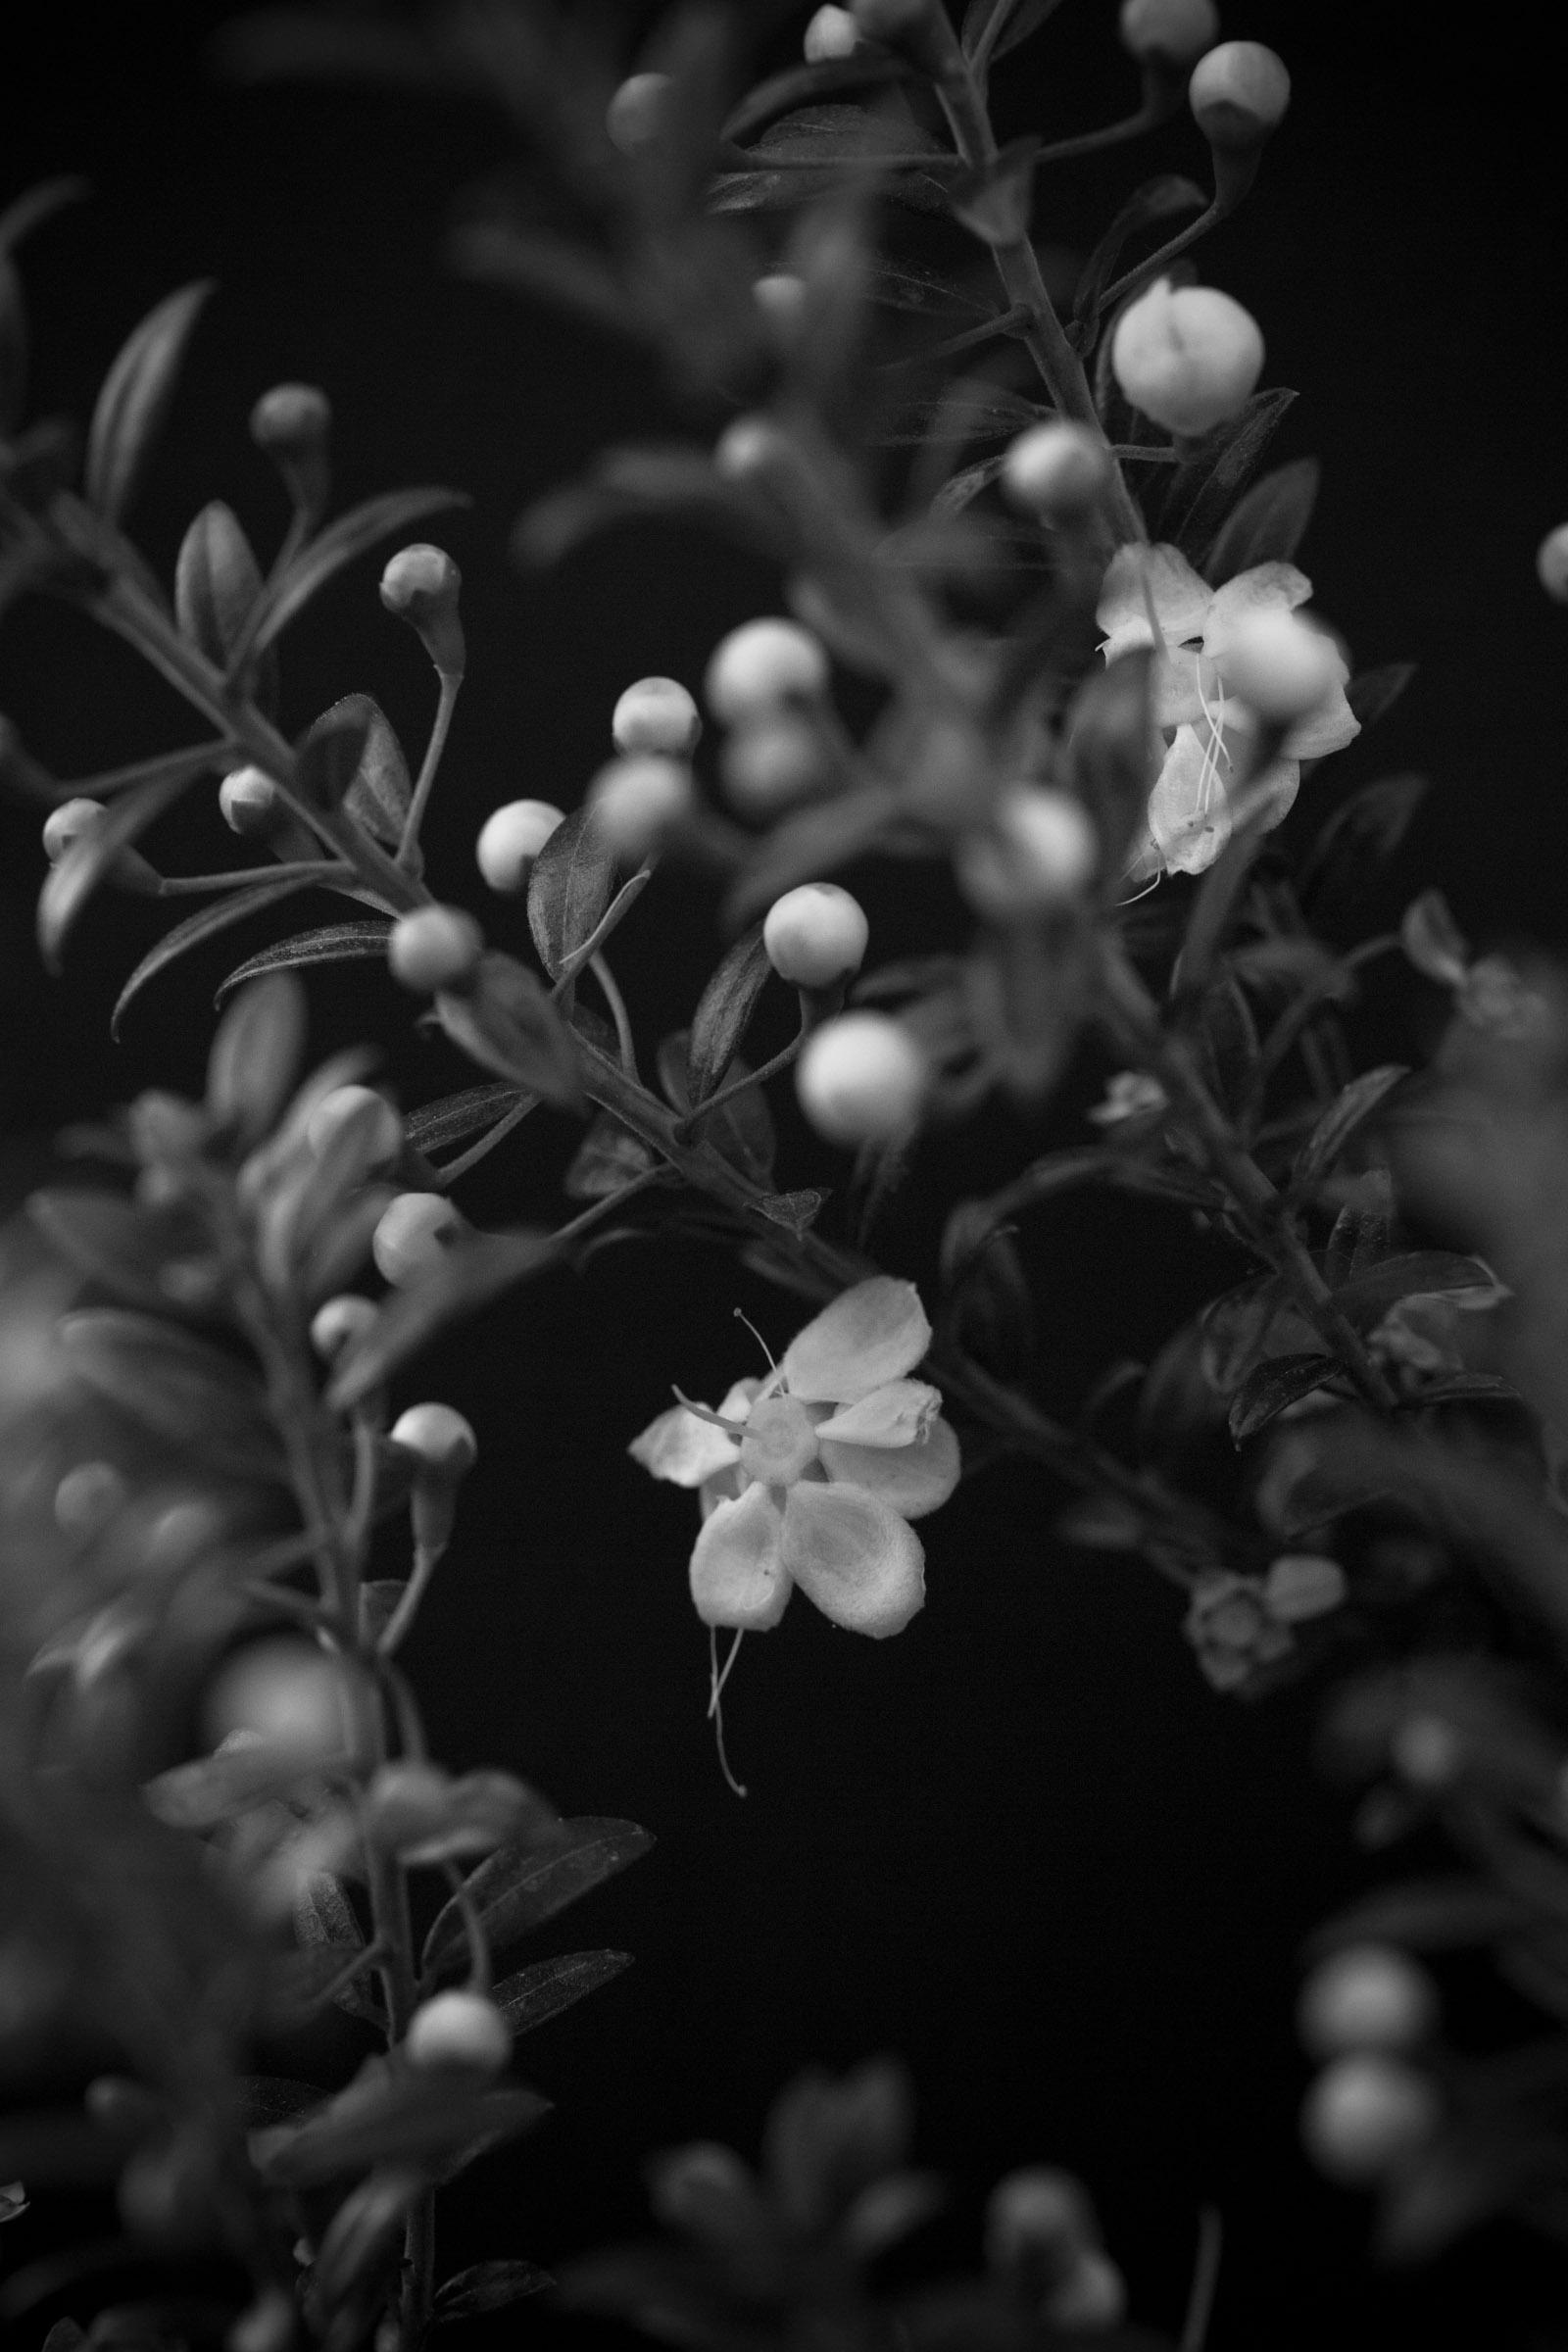 Weiße Blüten blühen an einem Strauch